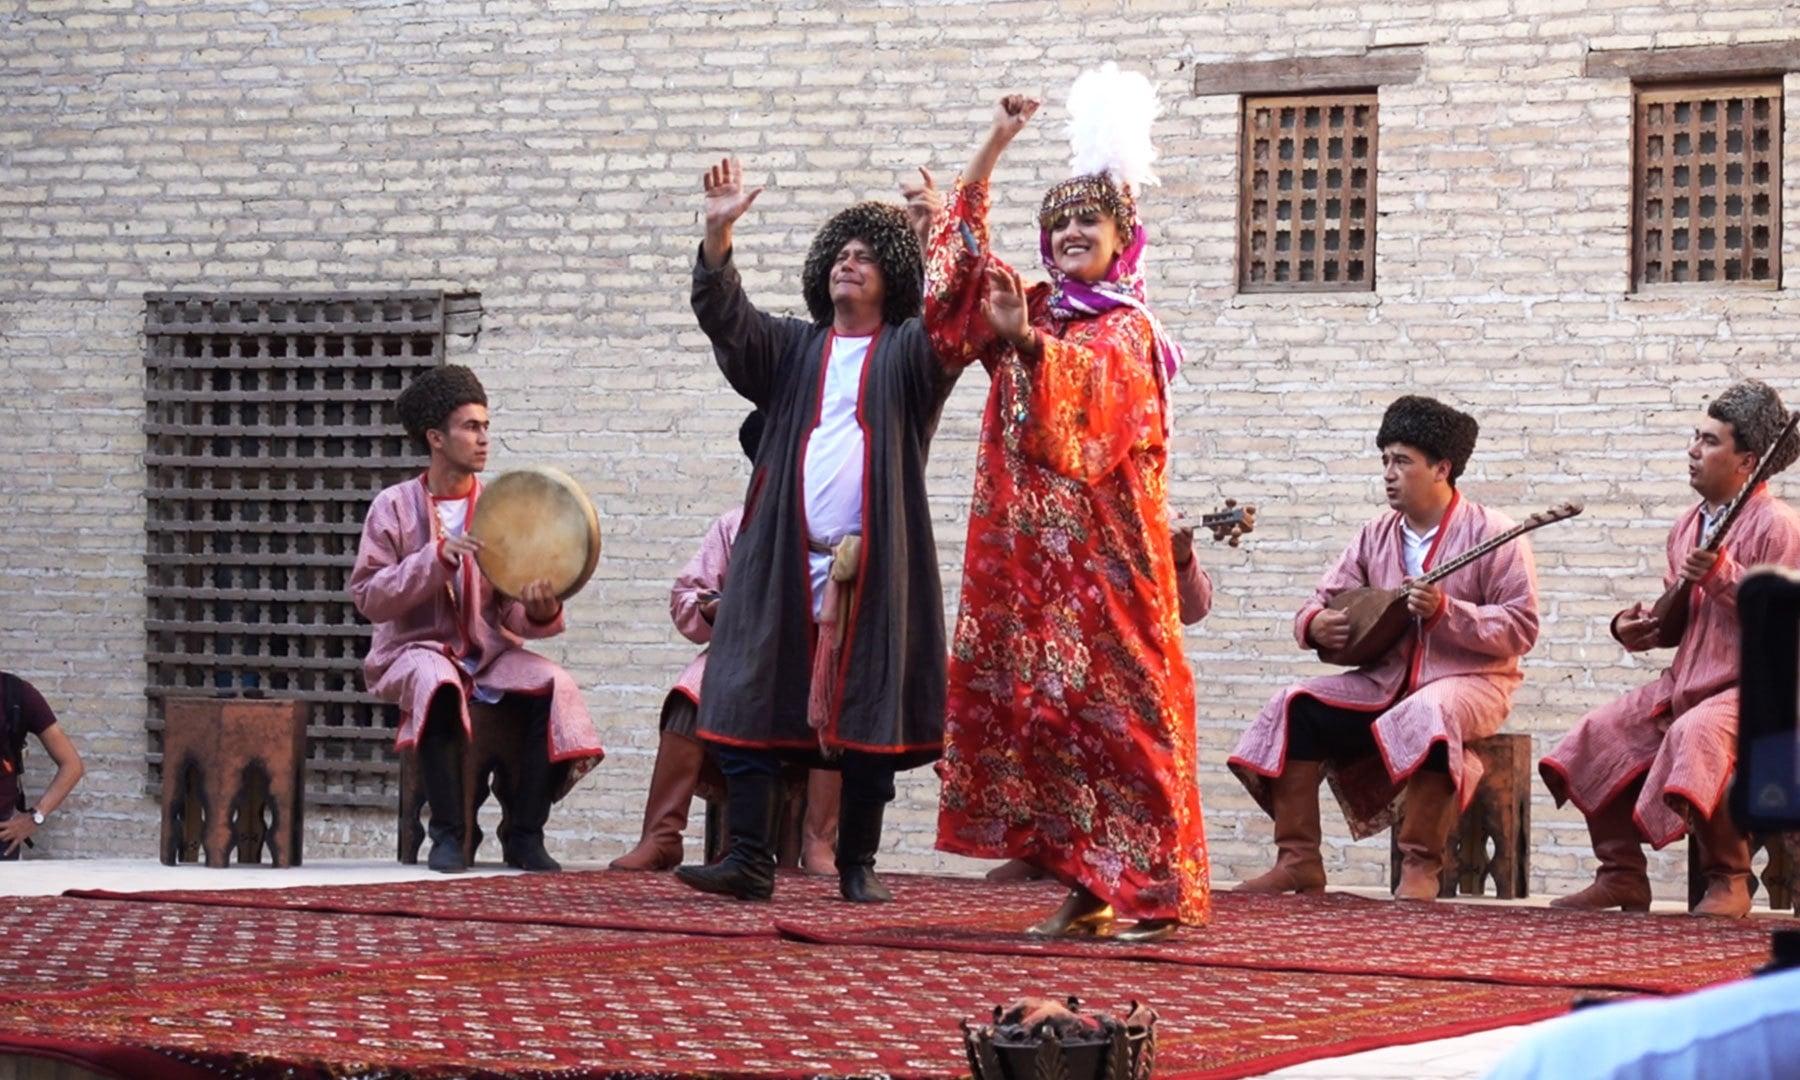 ہمیں پورے اسٹیج ڈرامے میں اگر کچھ سمجھ آیا تو وہ یقیناً یہی رقص تھا، کیونکہ رقص سمجھنے کے لیے زبان کی قید نہیں